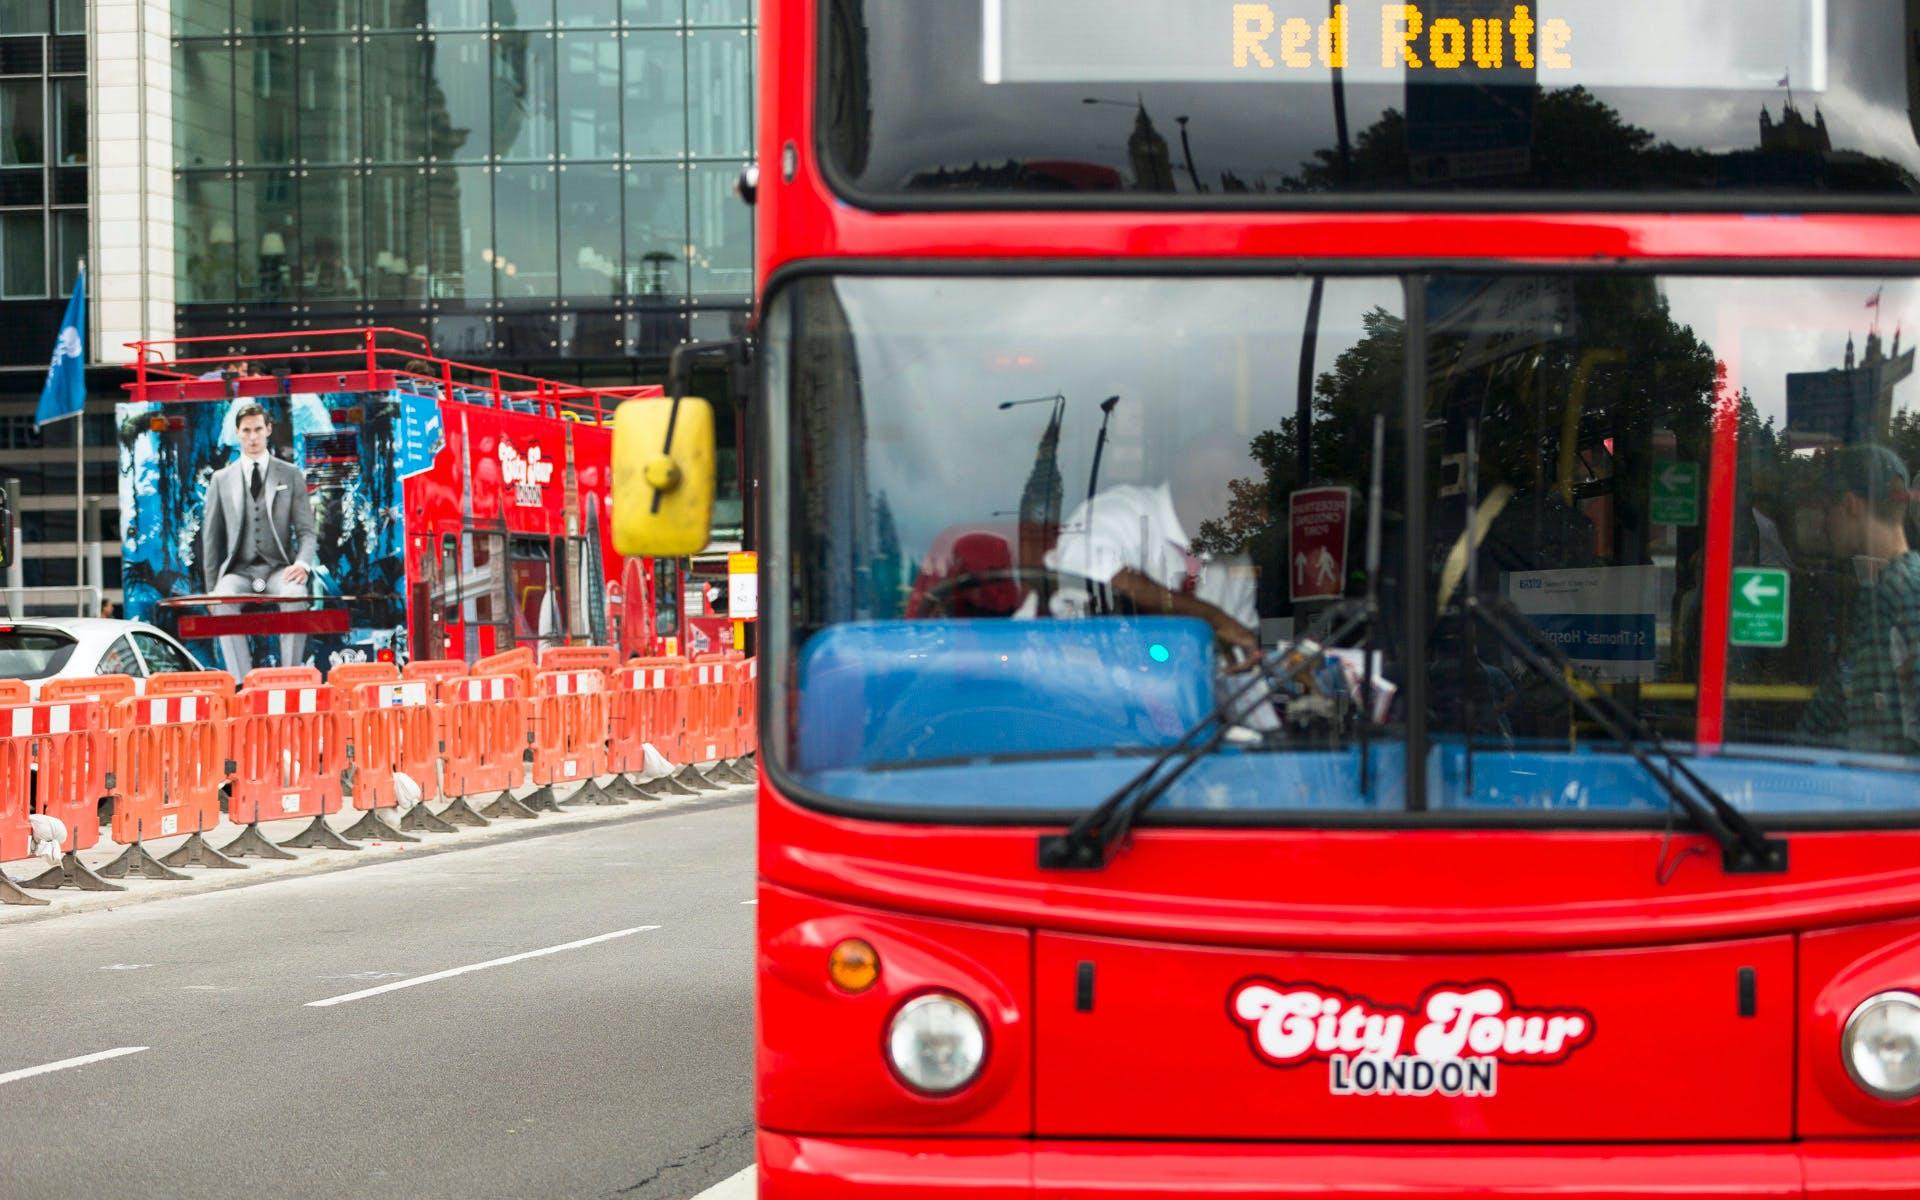 london hop on hop off bus tours - 2